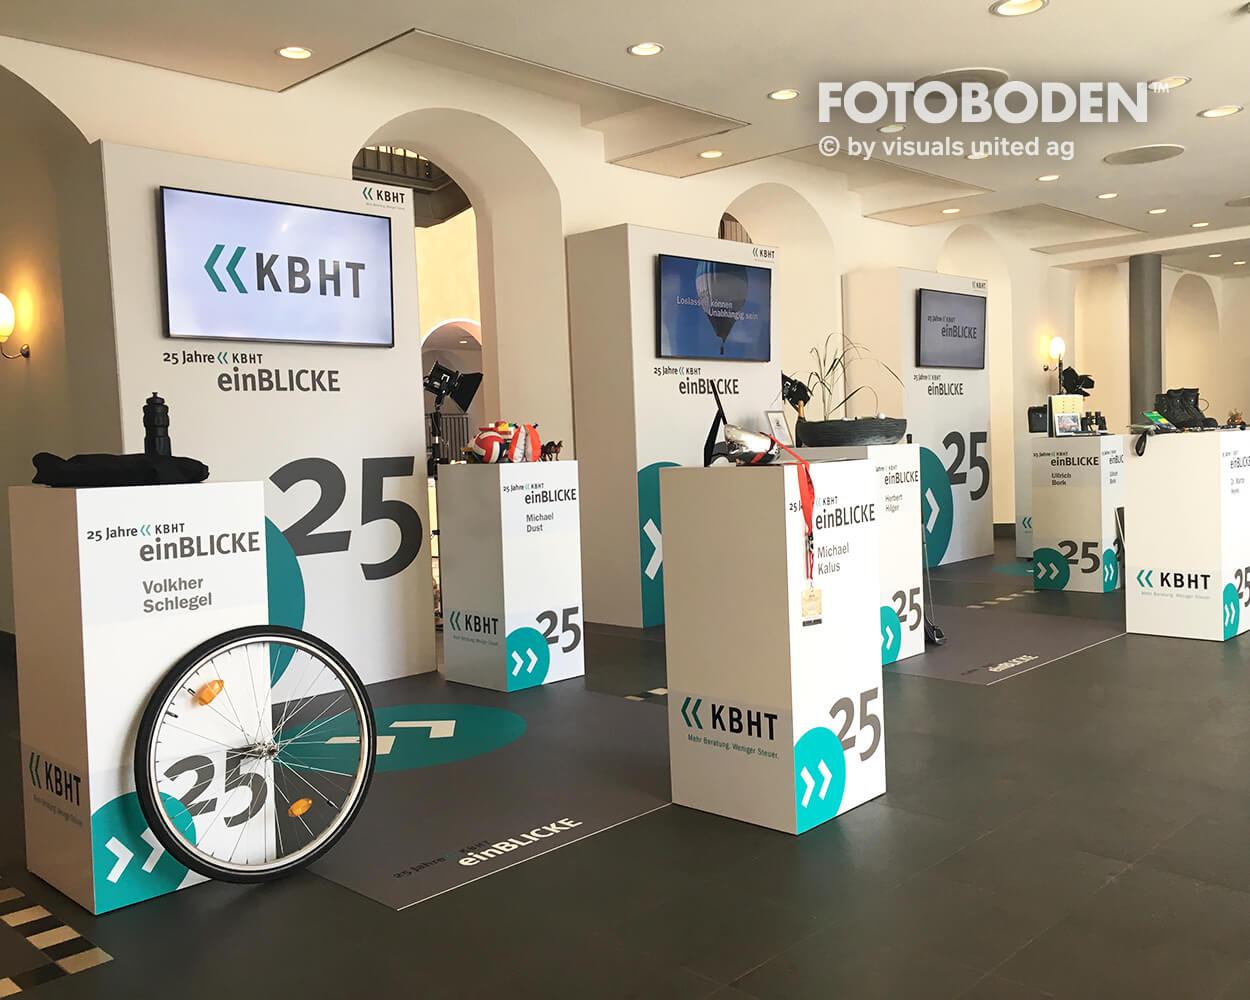 KBHT FOTOBODEN™ Messeboden Tradeshow